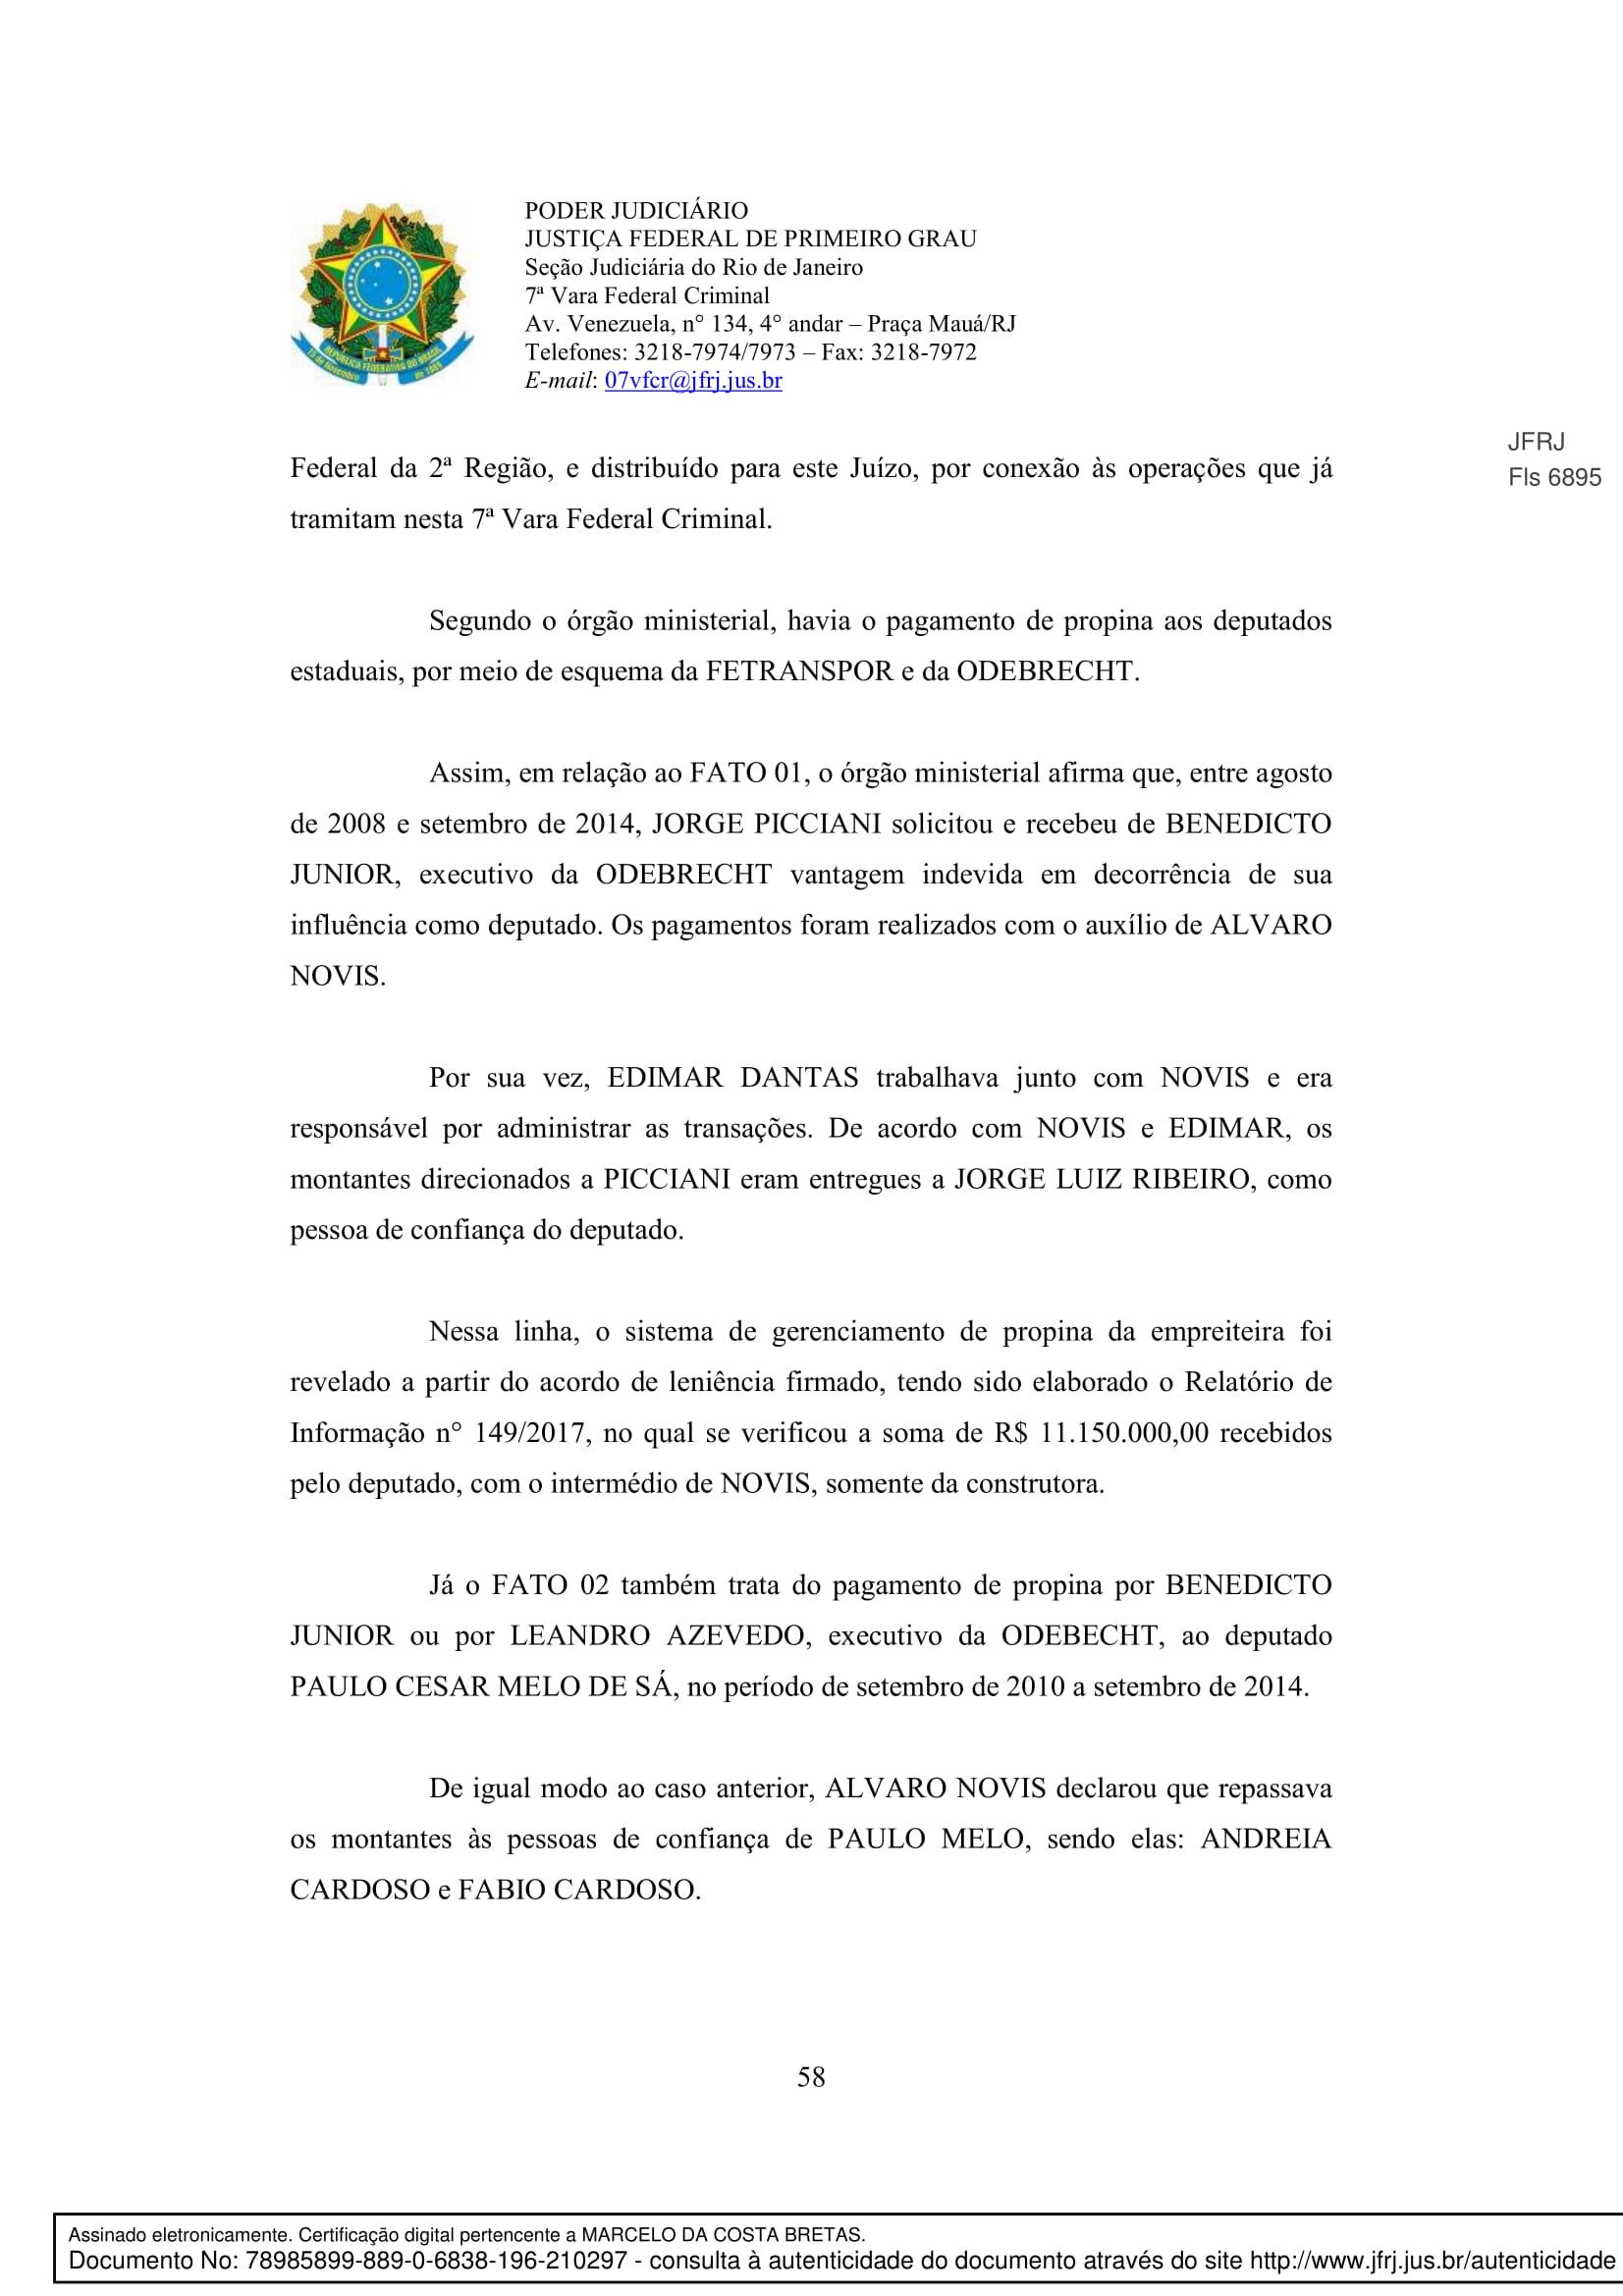 Sentenca-Cadeia-Velha-7VFC-058